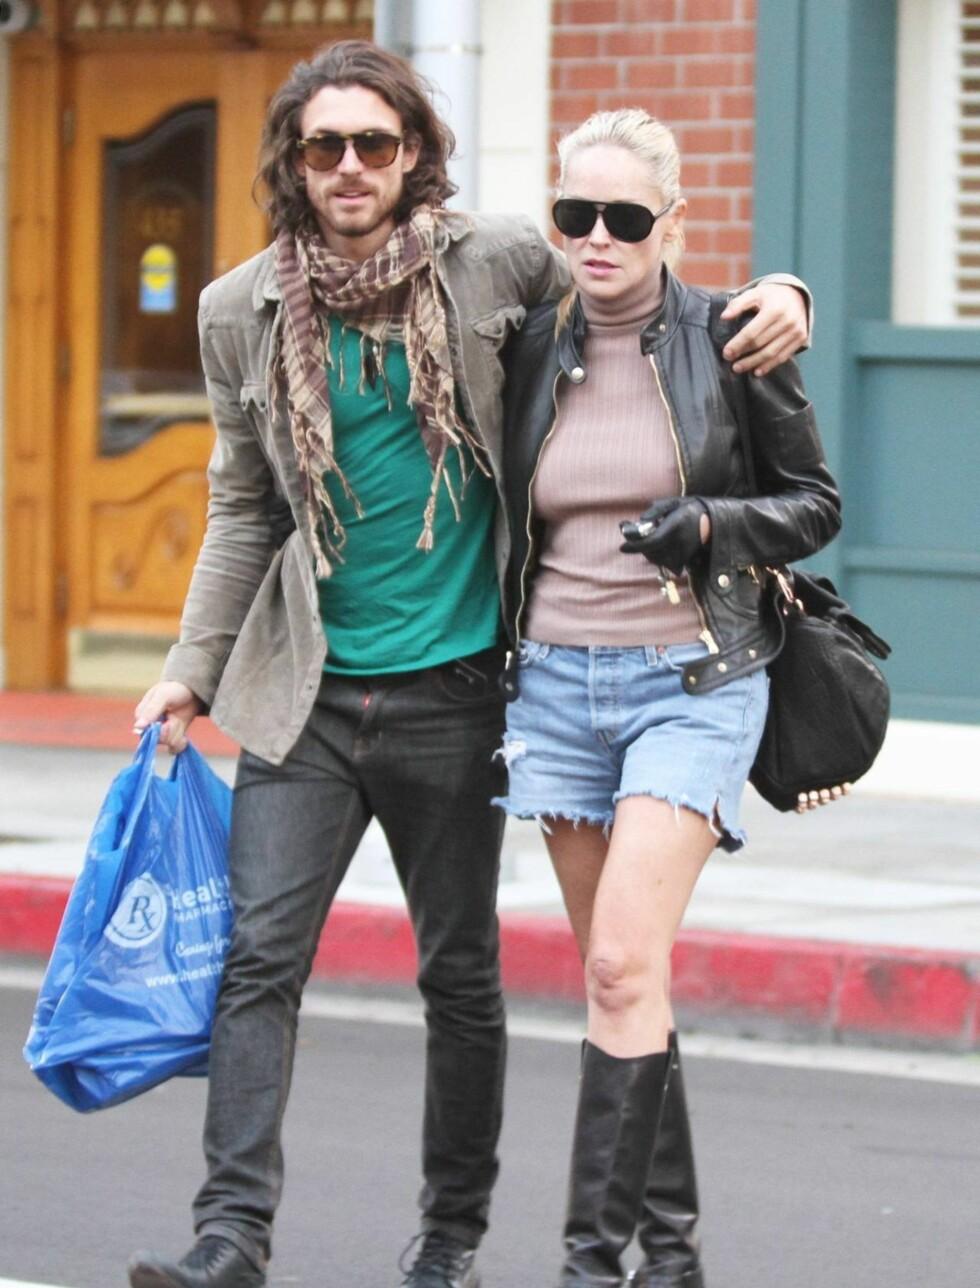 STILIGE: Sharon Stone kjører en røff og trendy stil, men skinnjakke, skinnstøvletter og skinnhansker. Martin Mica treffer også blink med sitt laidbacke antrekk og halvlange hår. Foto: All Over Press